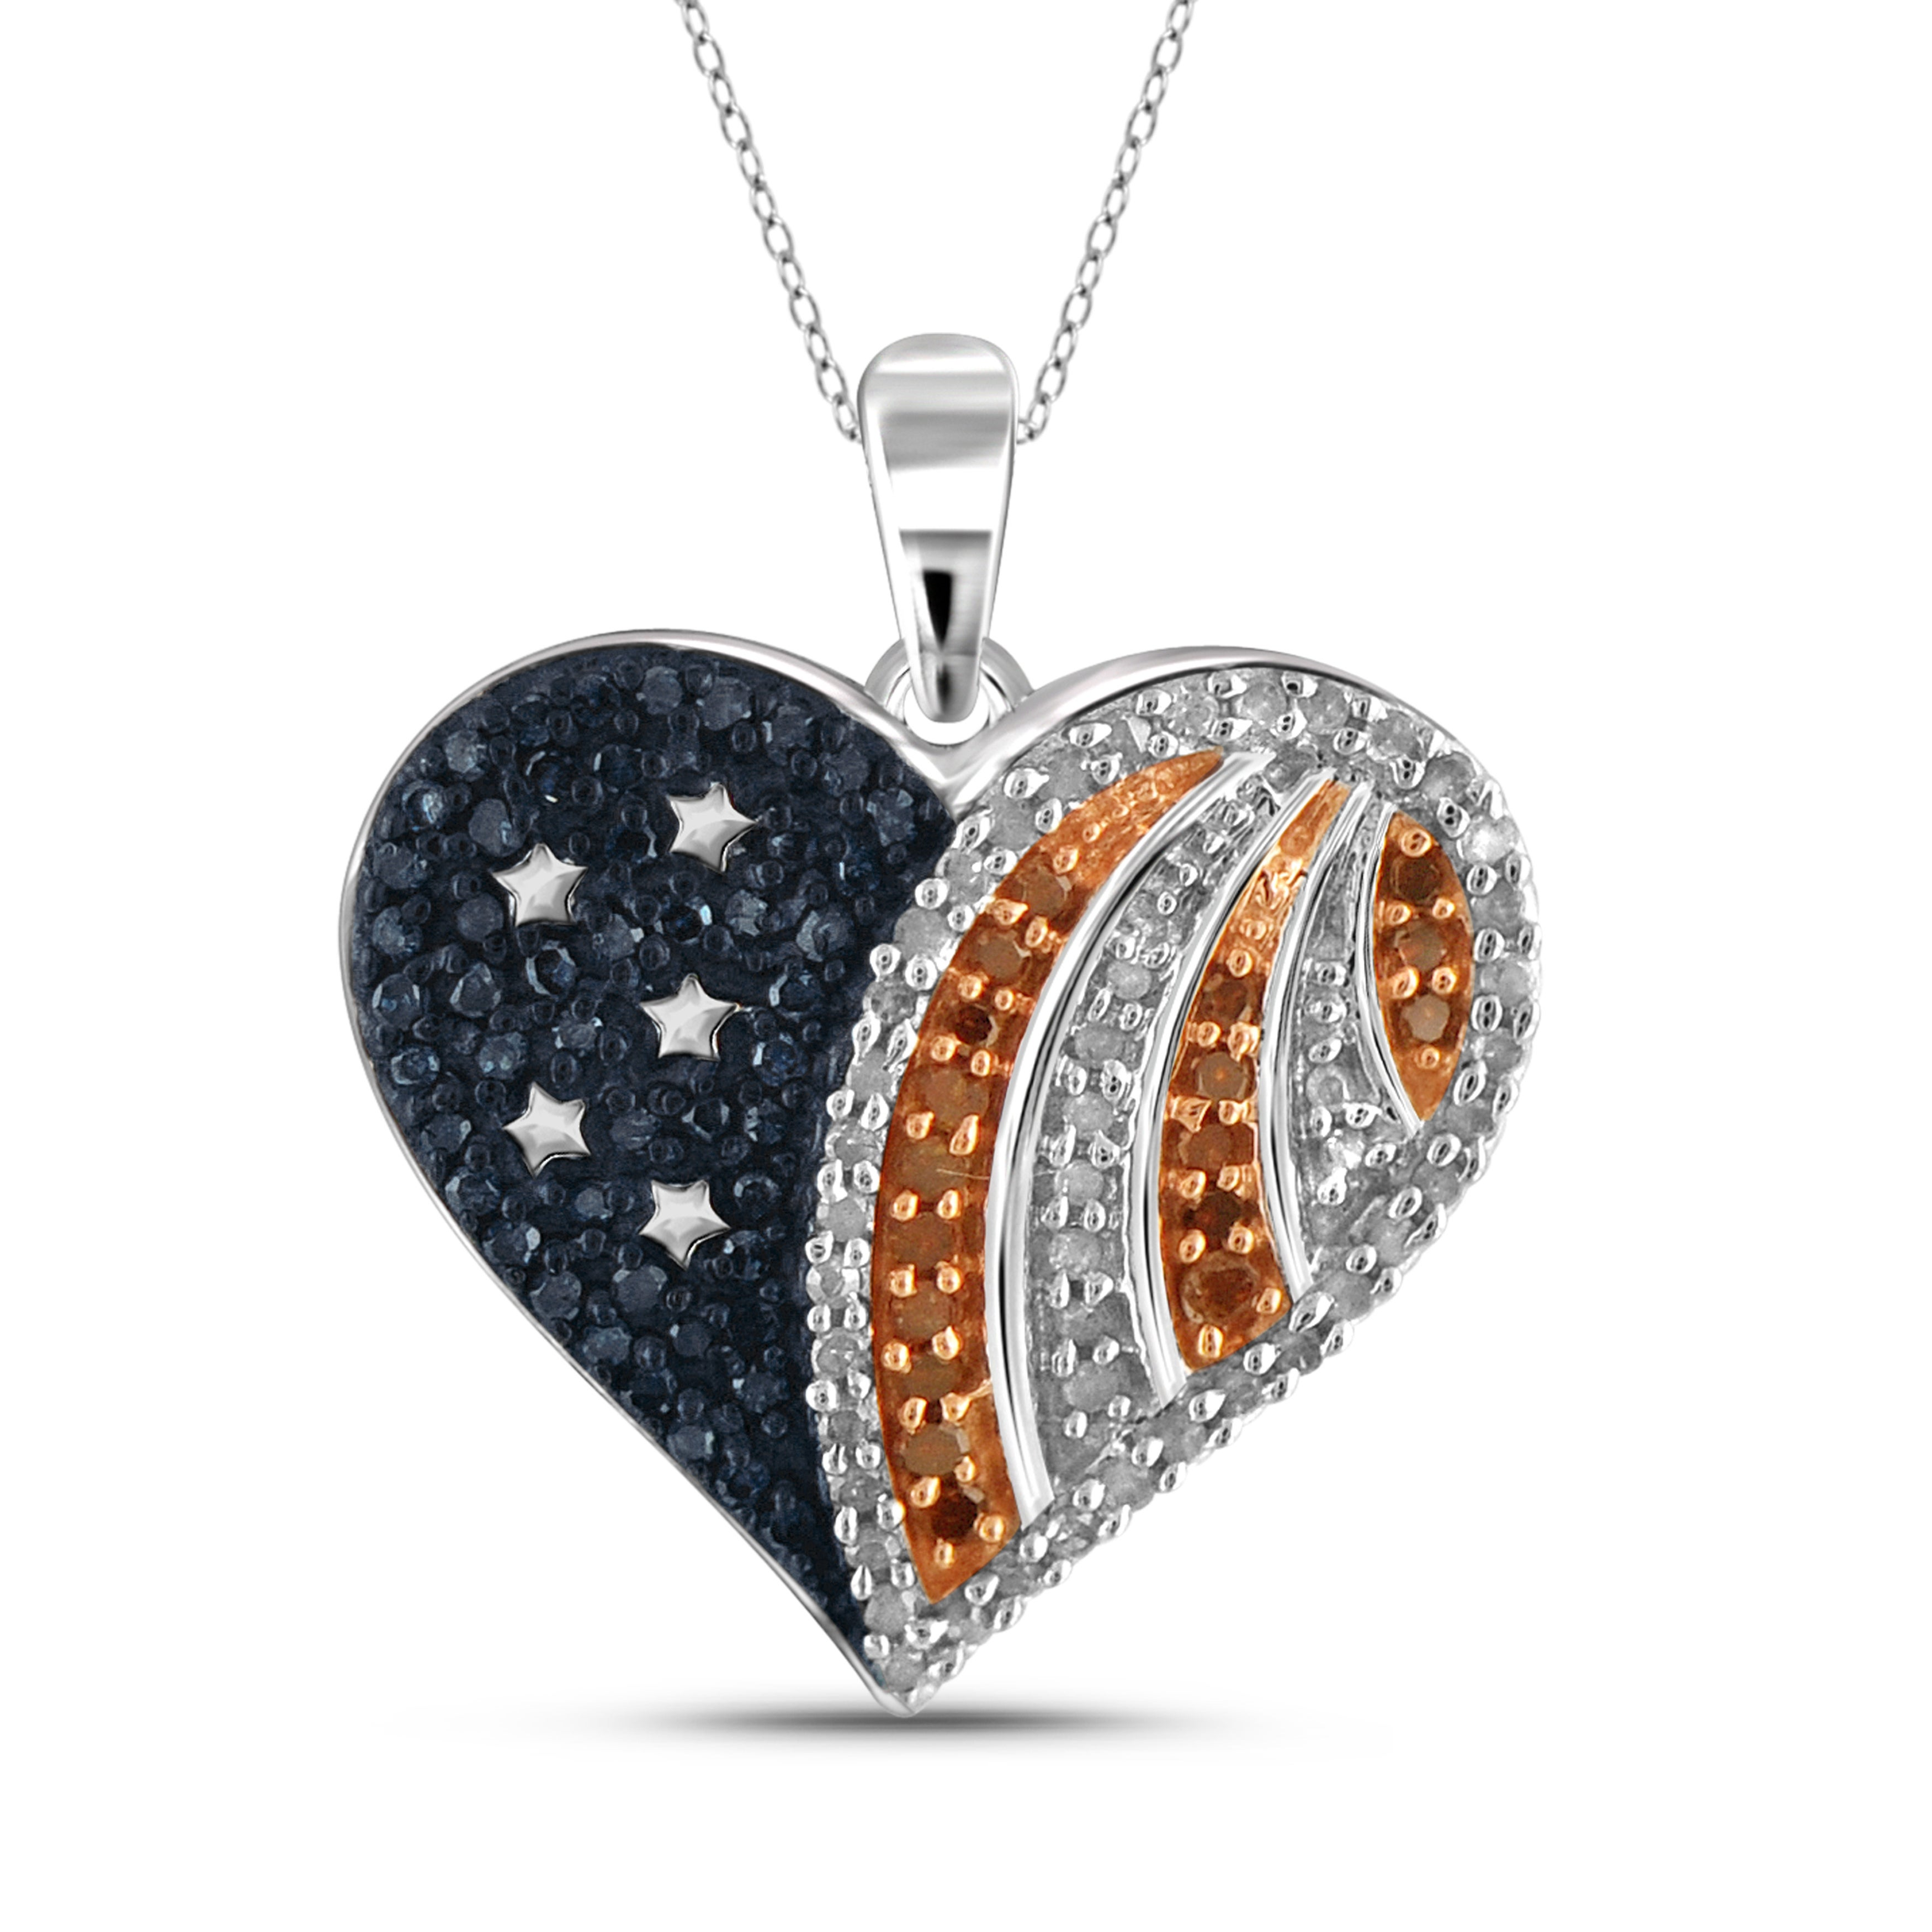 JewelonFire 1/3 Cttw Multi Color Diamond Heart Pendant in...